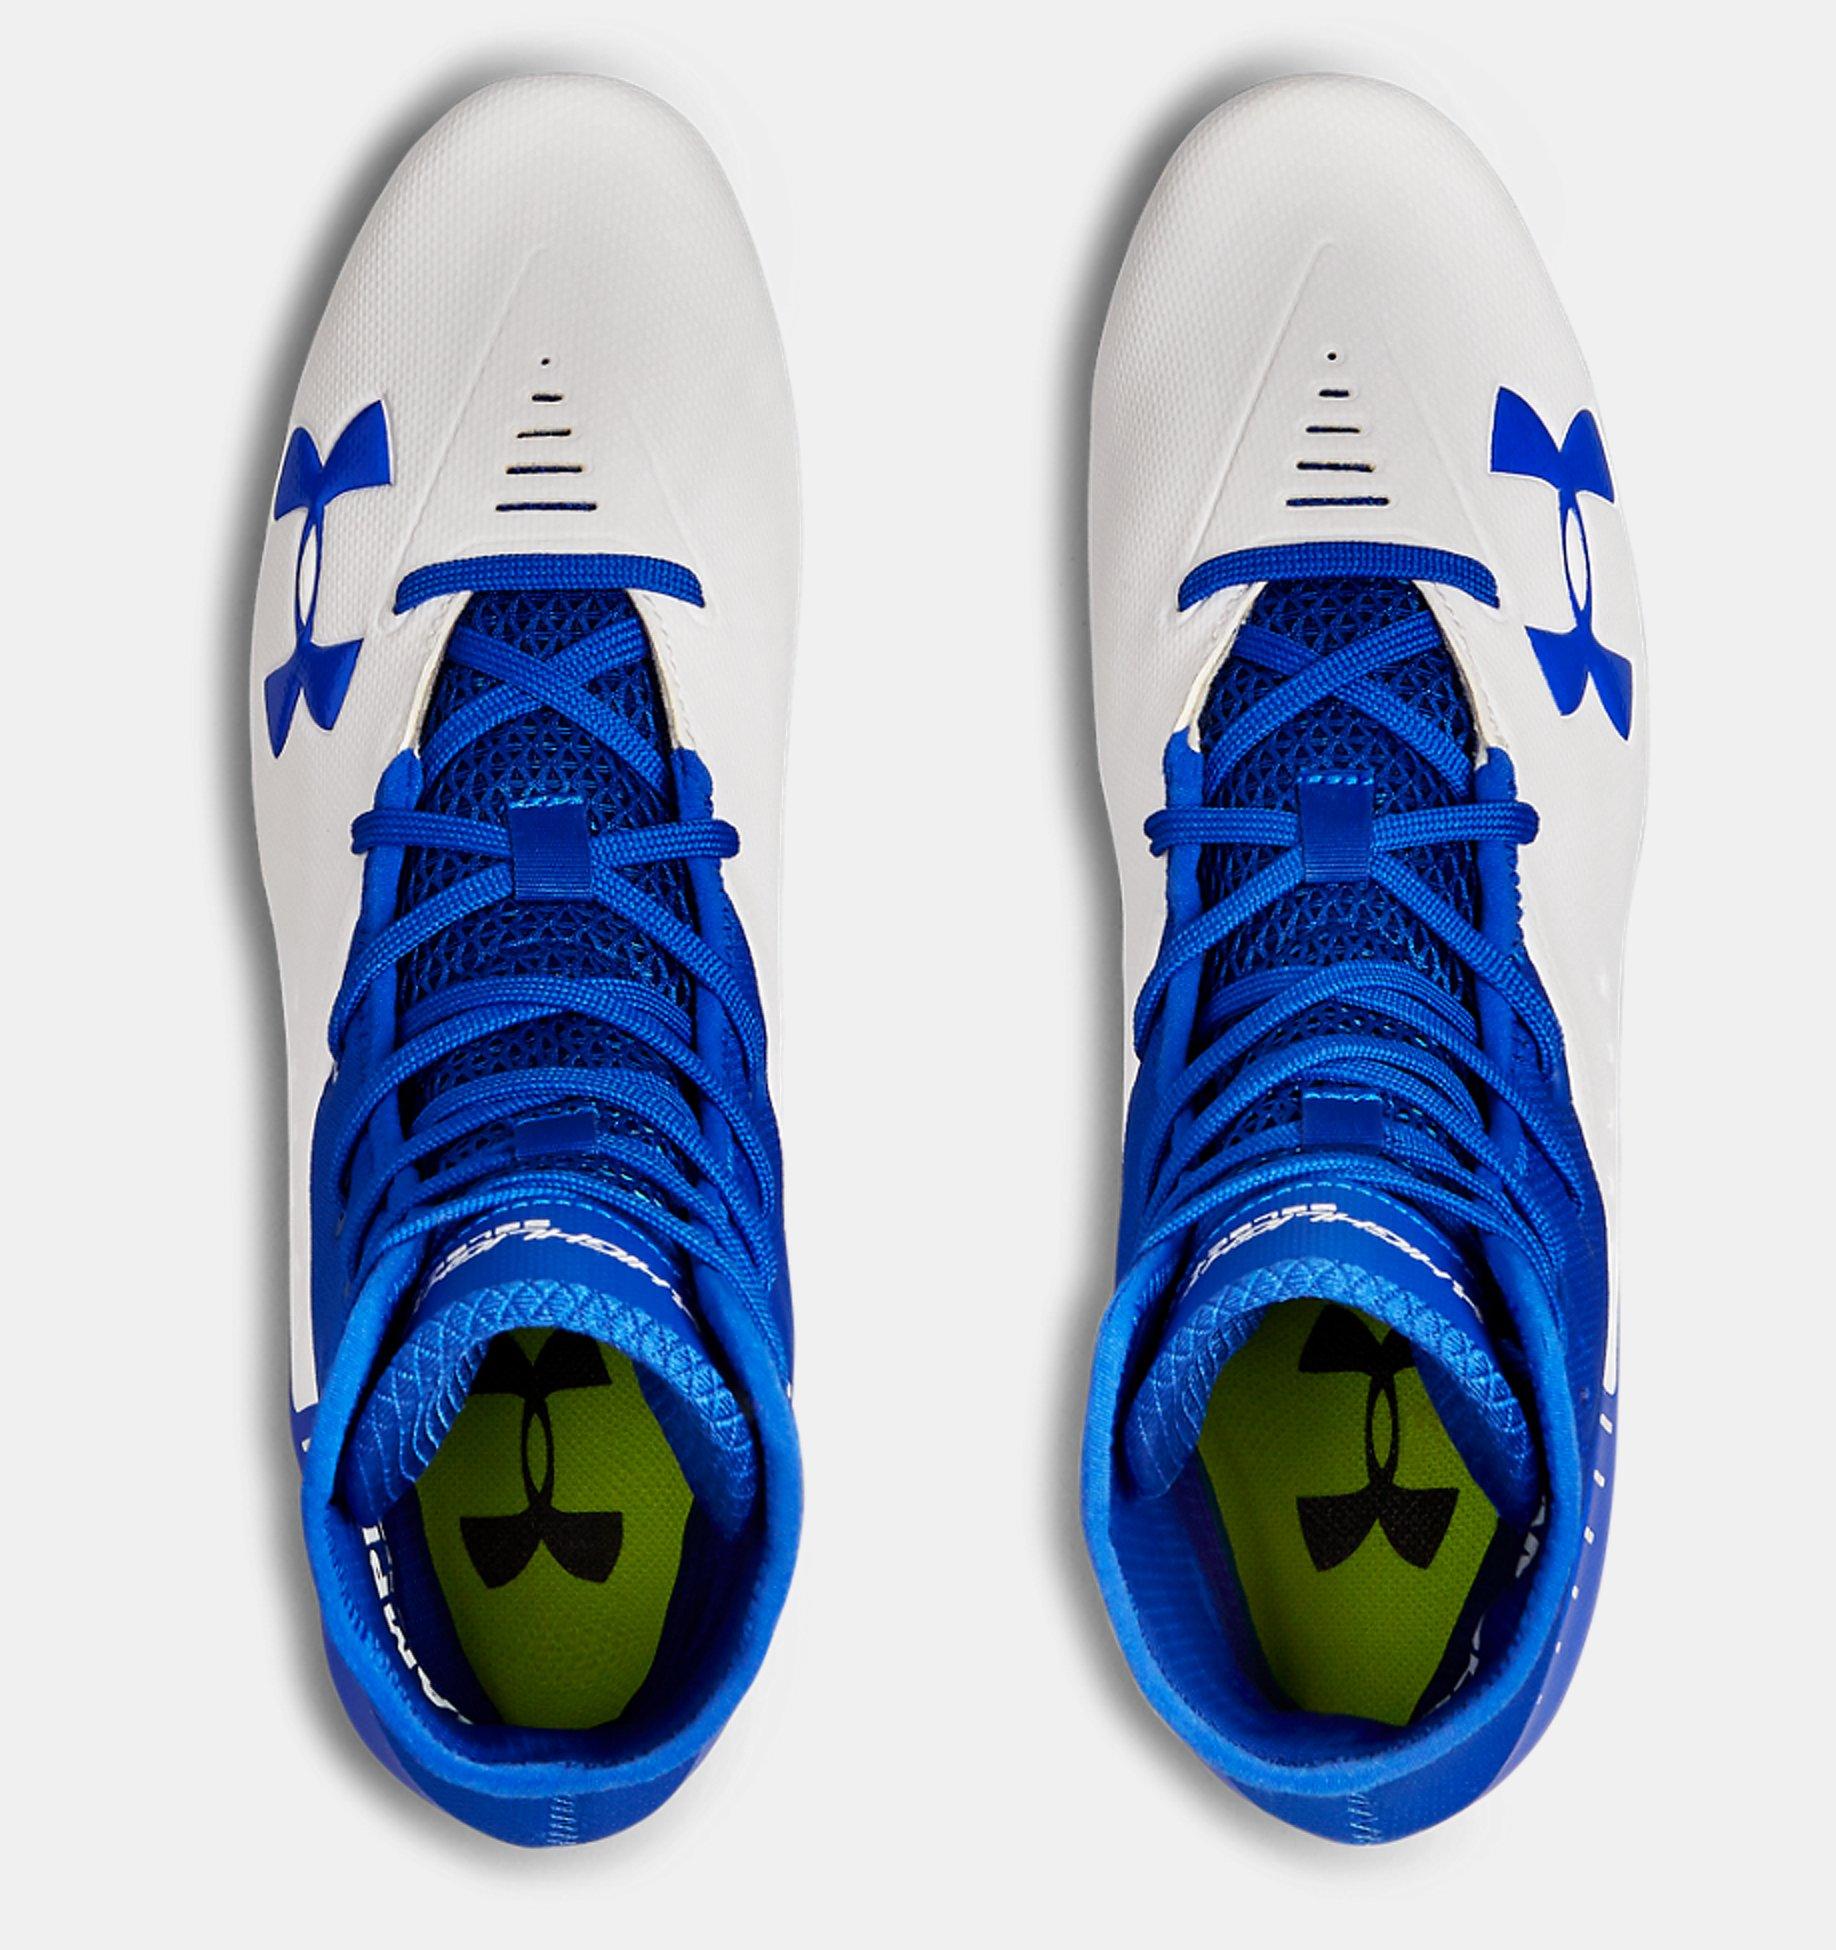 7213a1afe16 ... Zapatos de Fútbol UA Highlight Select MC para Hombre